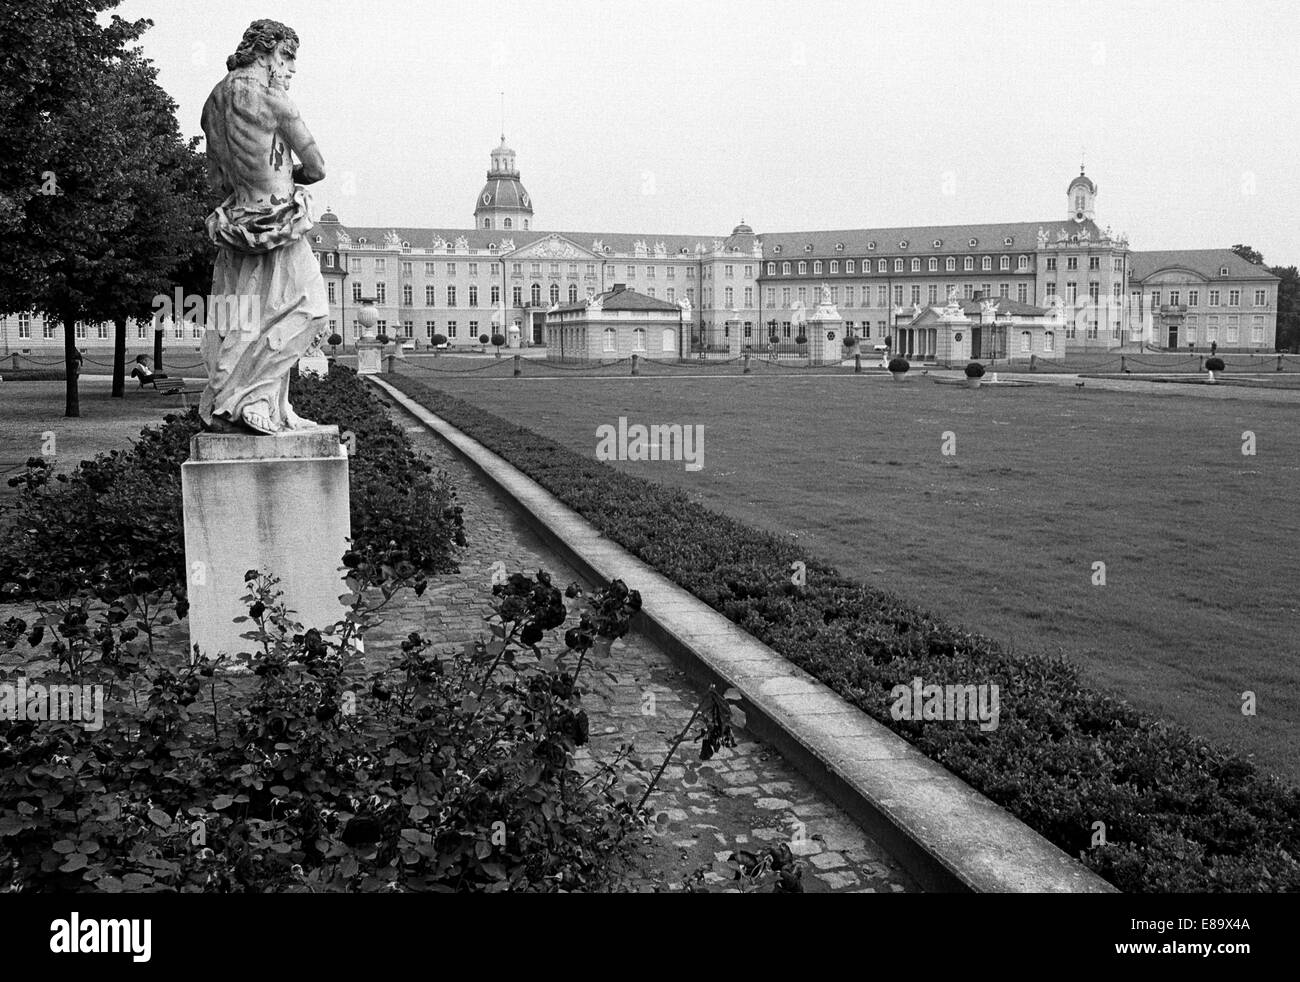 Achtziger Jahre, Schloss und Schlosspark Karlsruhe, heute Badisches Landesmuseum und Teilbereiche vom Bundesverfassungsgericht Stock Photo